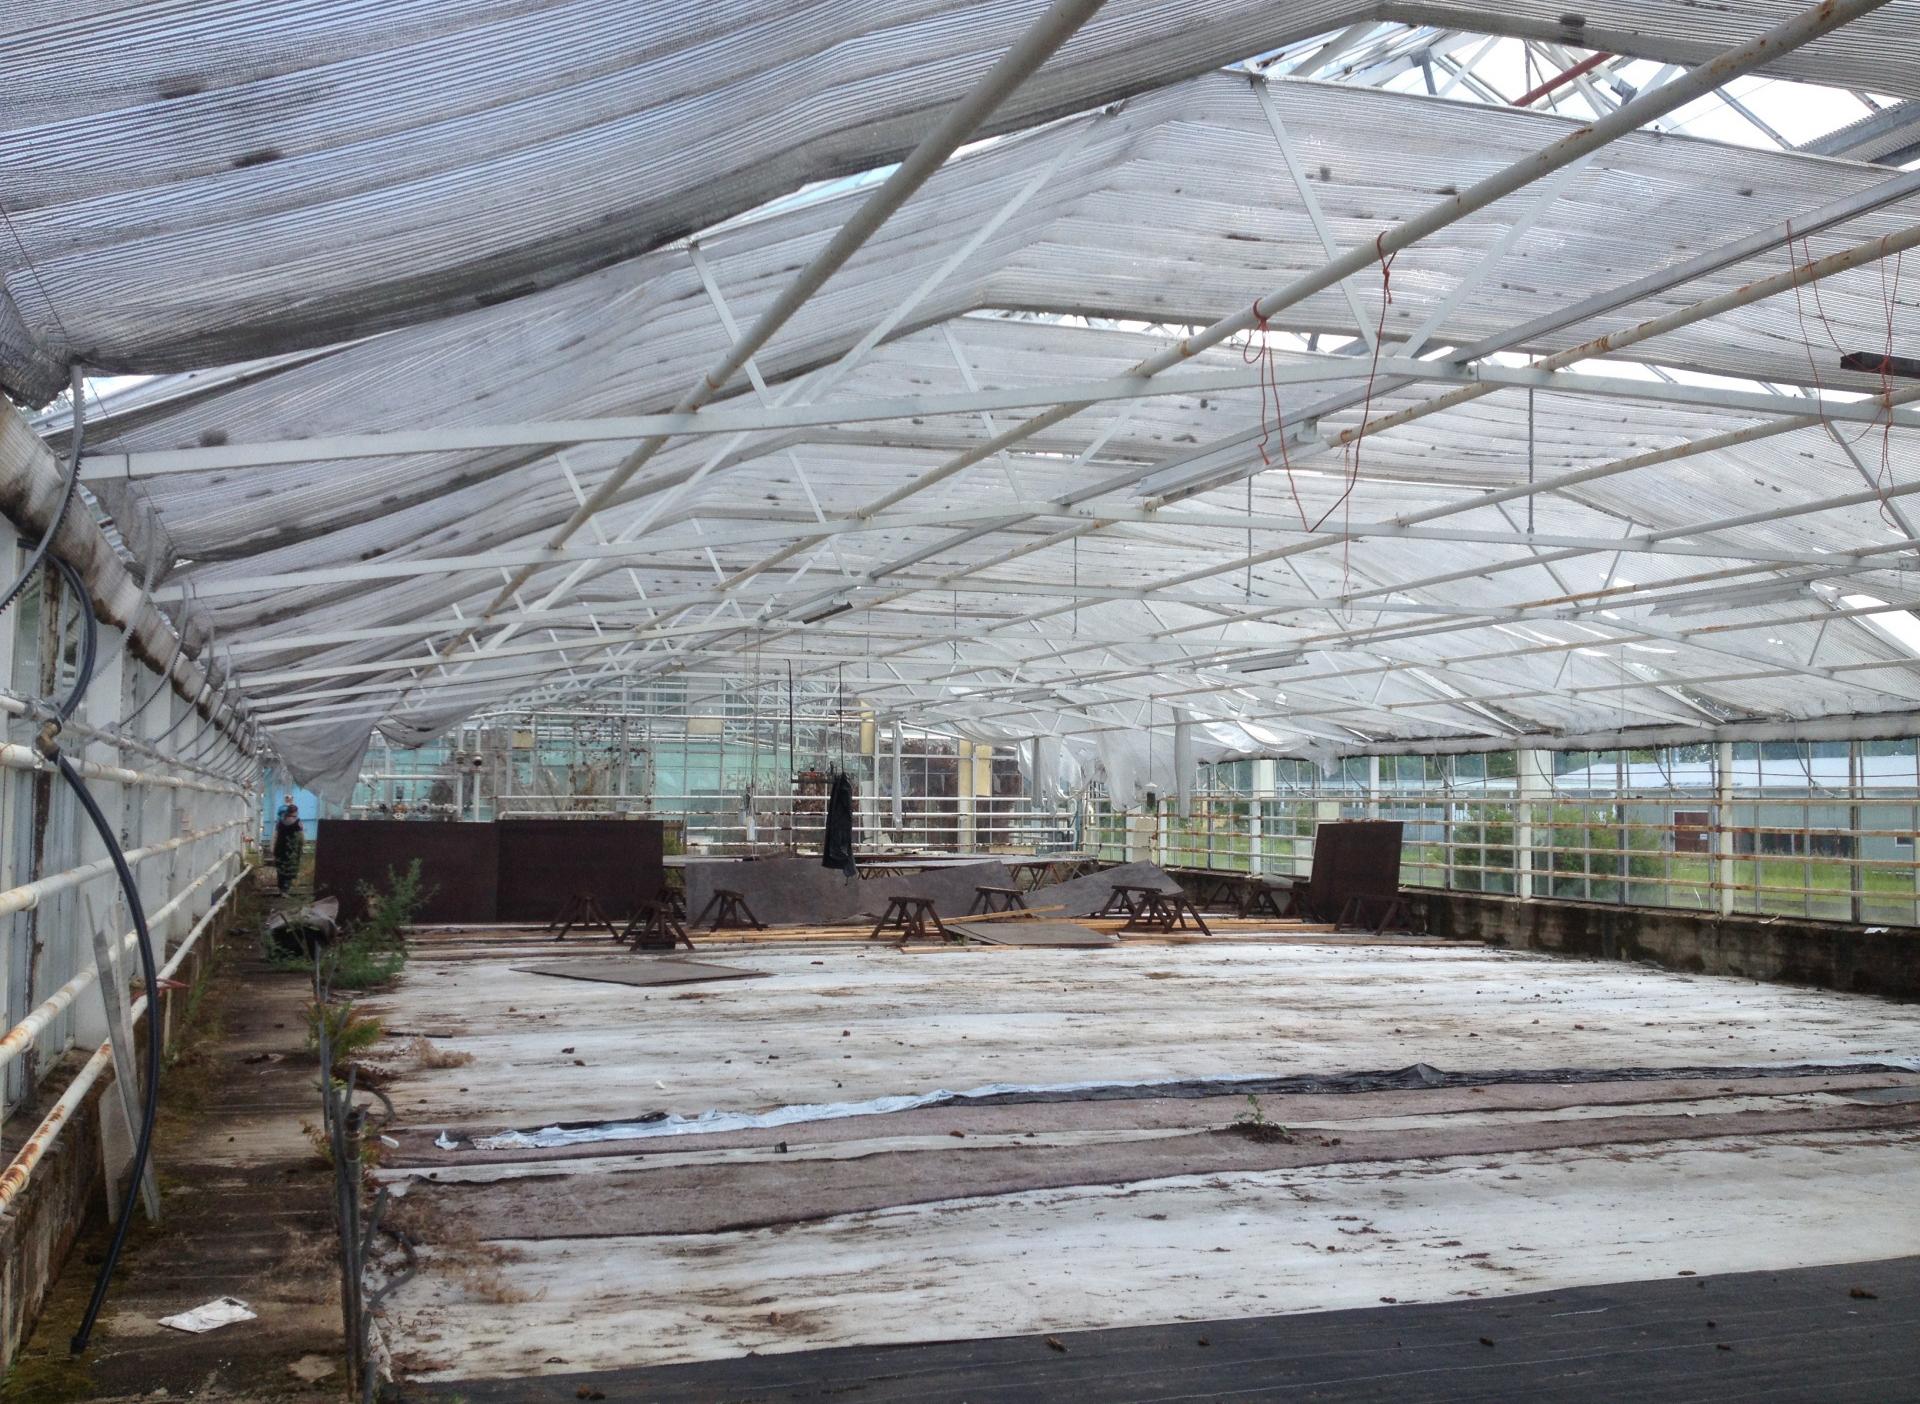 Economic feasibility of hydroponics